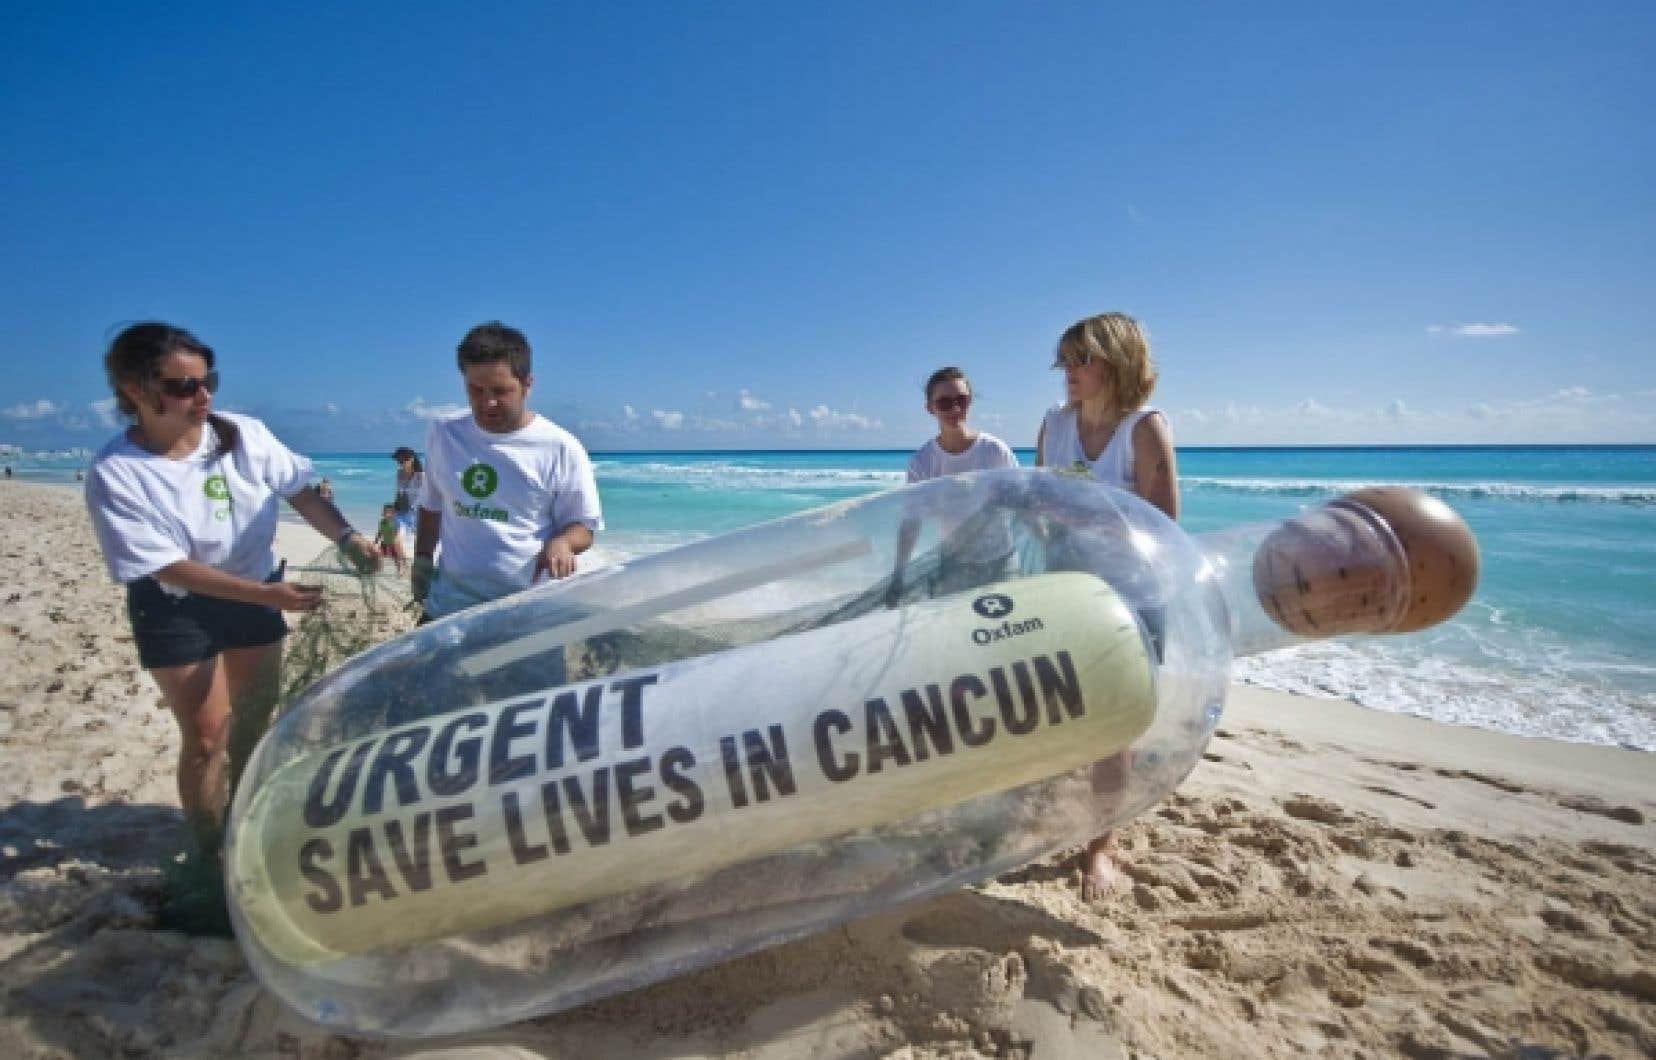 L'organisme Oxfam a jeté une bouteille à la mer, hier, à la veille du Sommet de Cancún, qui rassemble plus de 190 pays autour de la question du climat. <br />